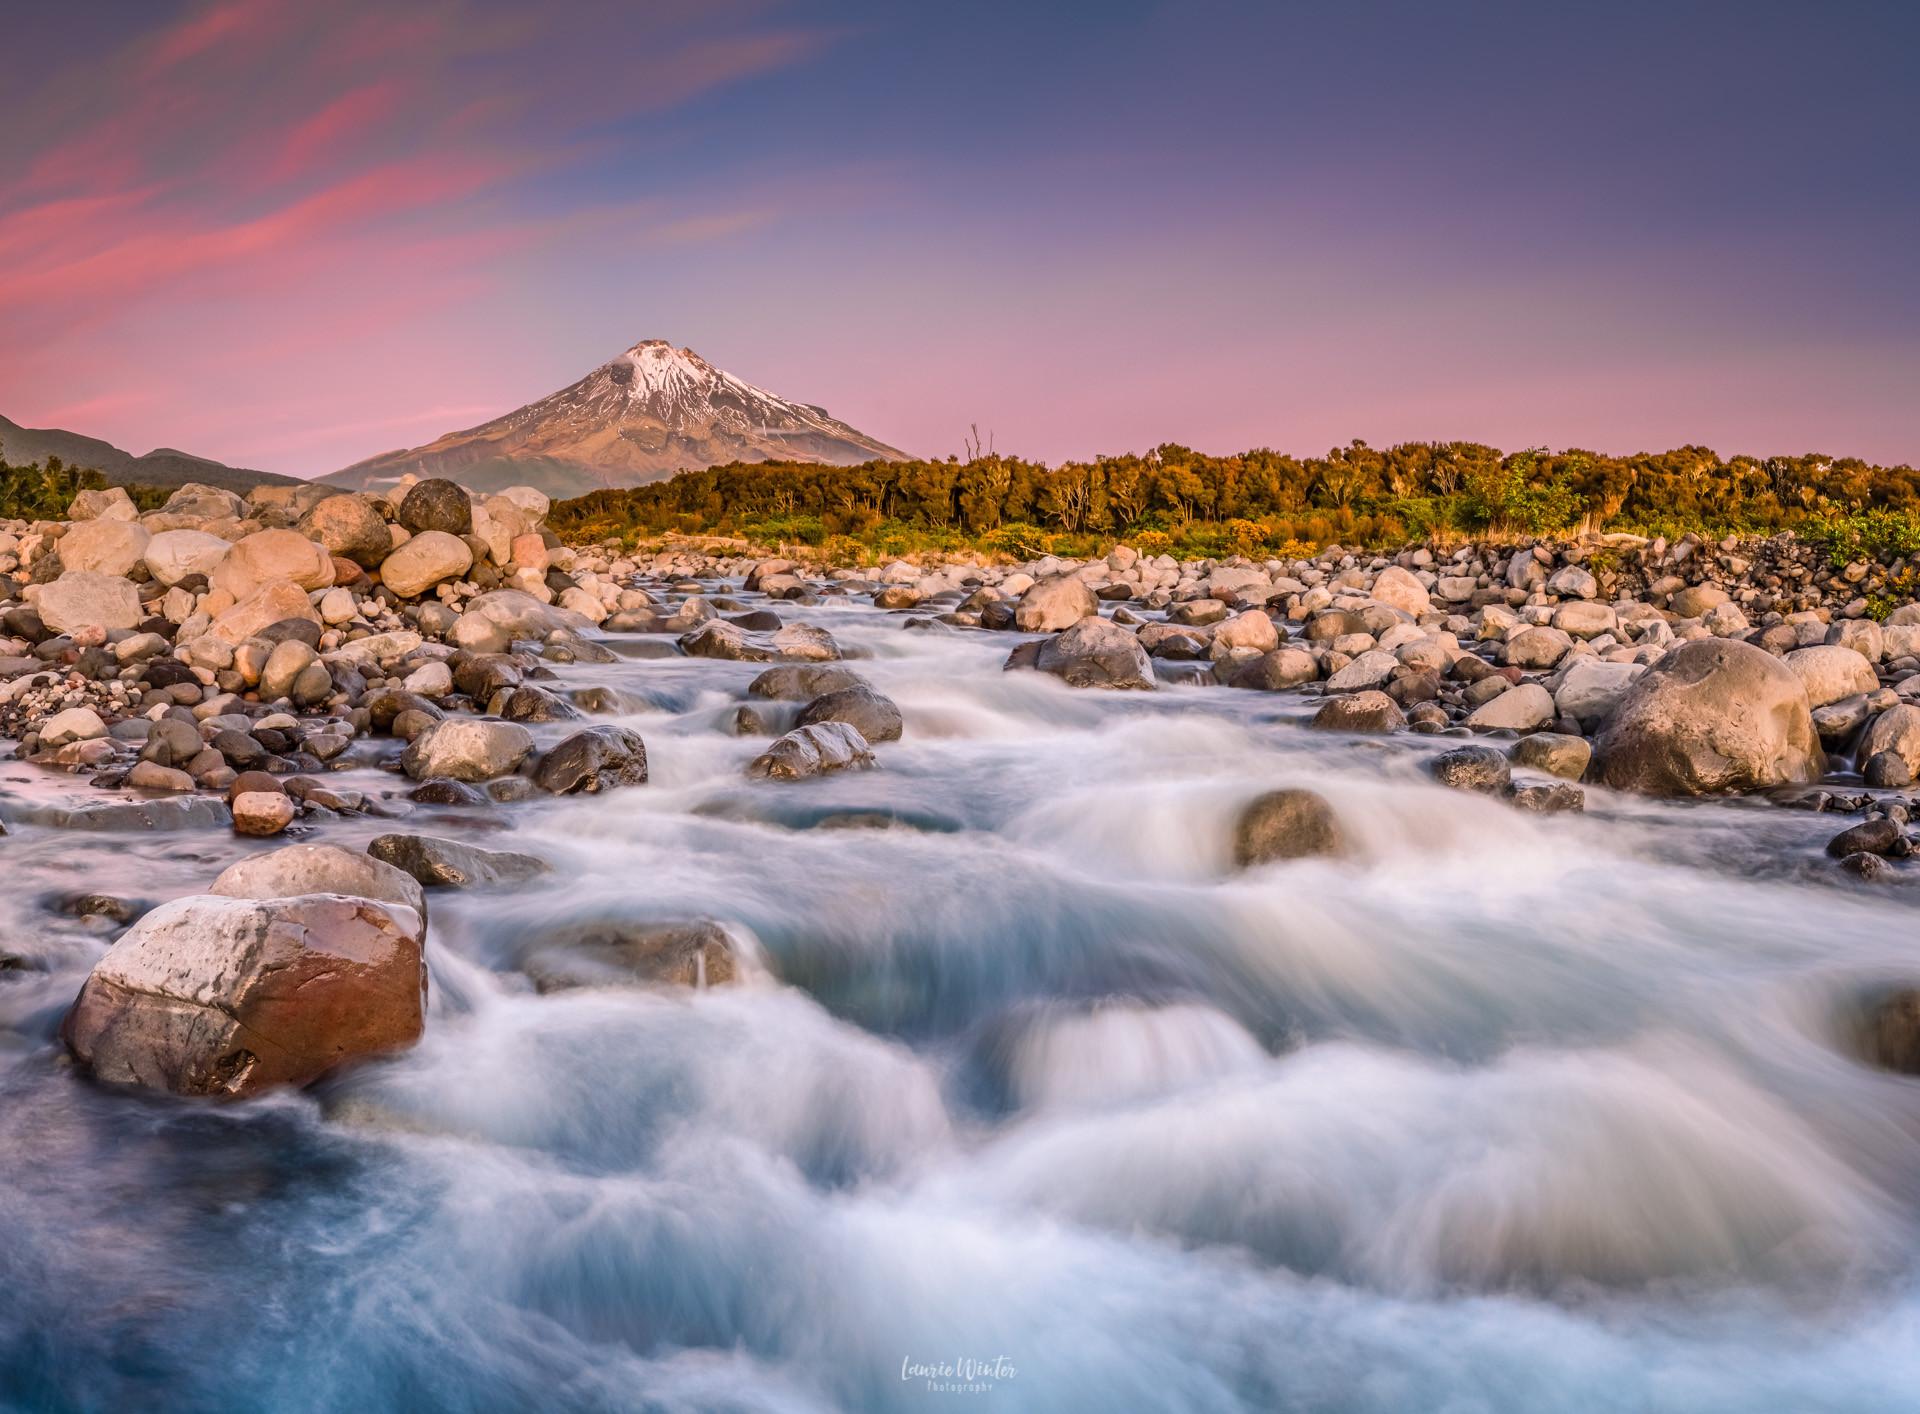 stony-creek-taranaki-river-mountain.jpg